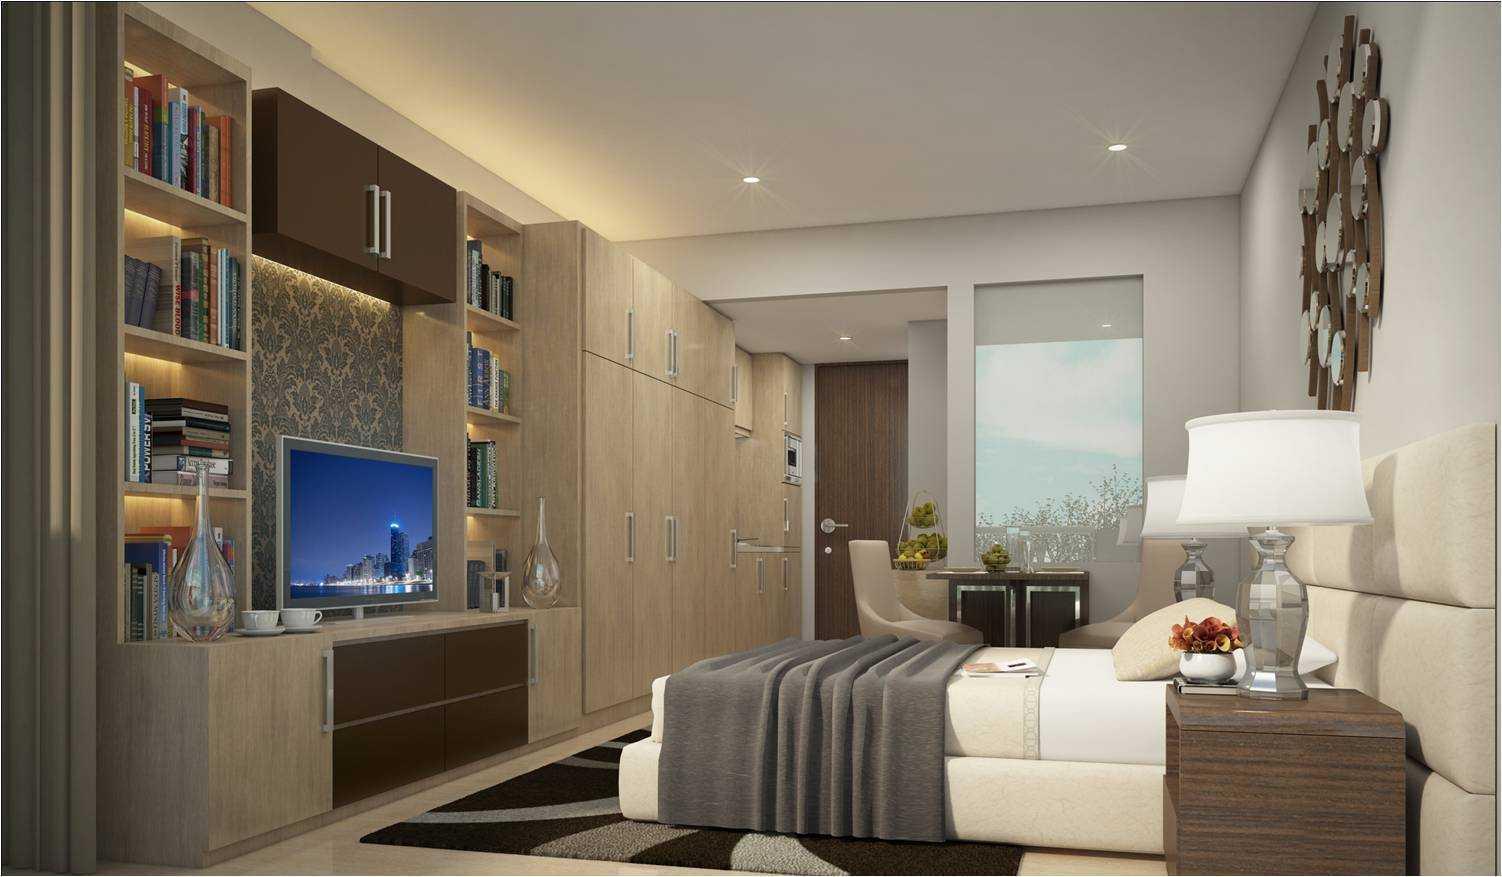 Mozaik Interior Bedroom Interiors Cibitung, Bekasi, Jawa Barat, Indonesia Cibitung, Bekasi, Jawa Barat, Indonesia Mozaik-Interior-Bedroom-Interiors  55411